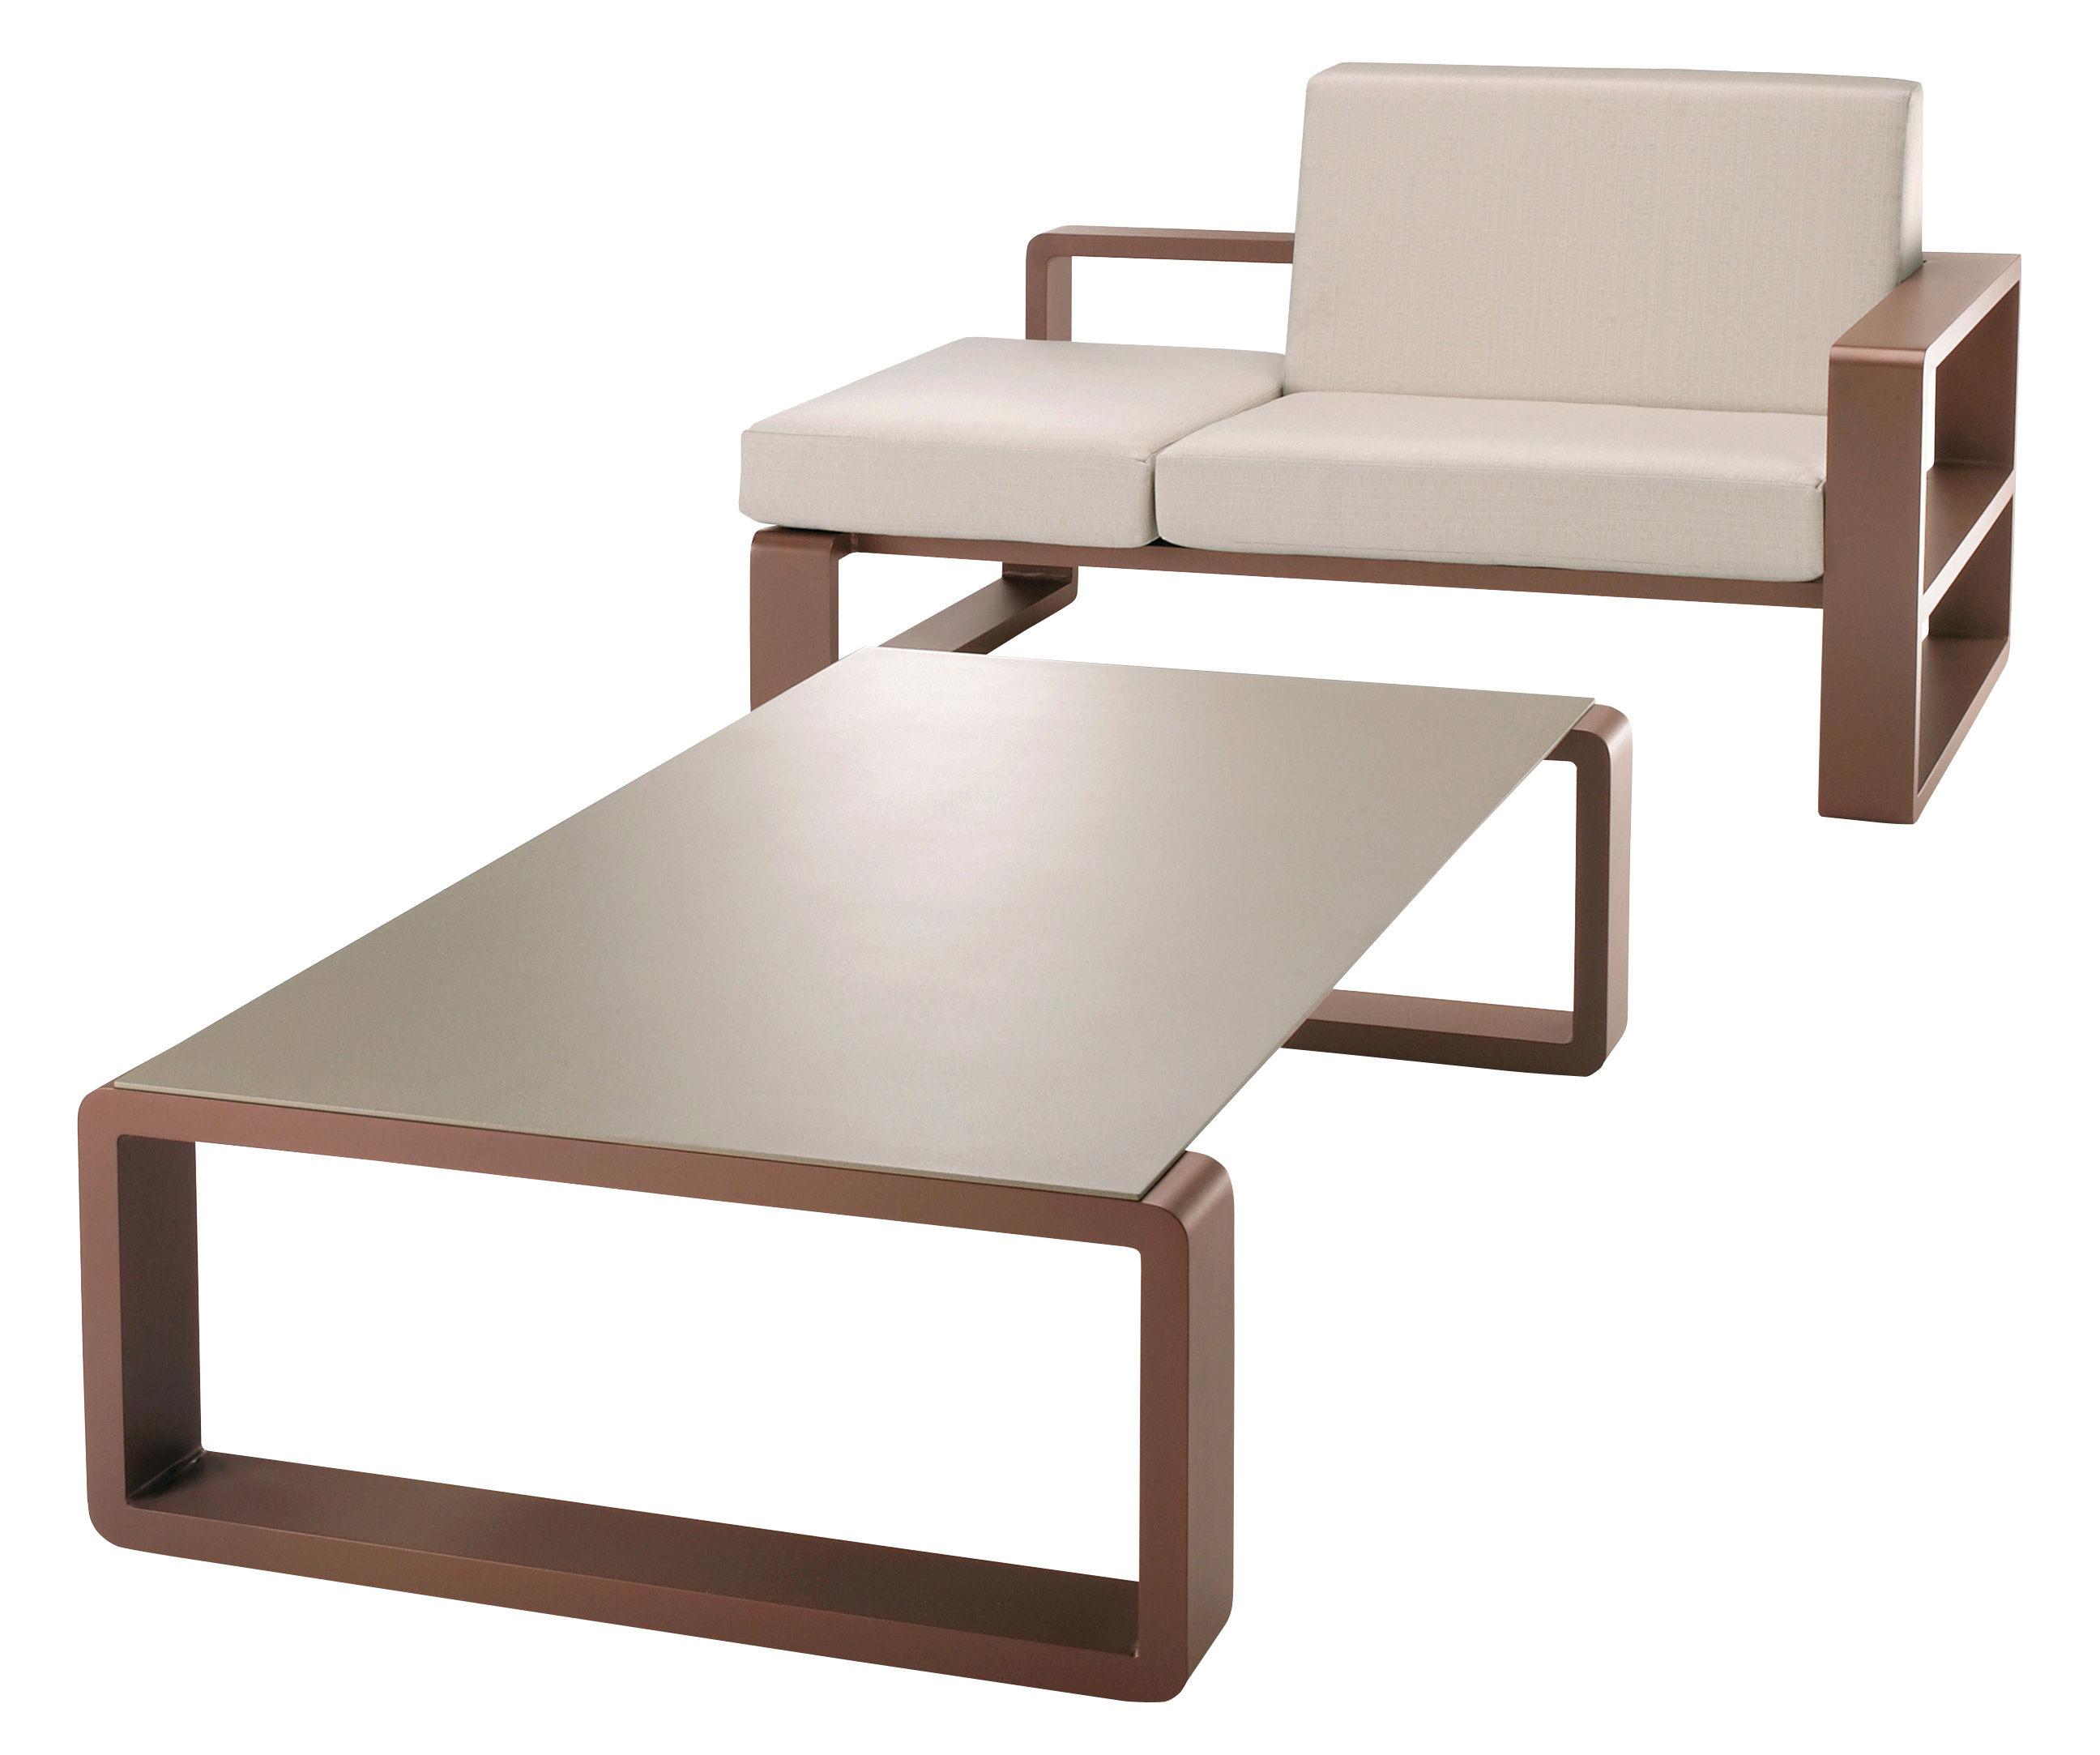 table basse kama plateau argent structure argent ego. Black Bedroom Furniture Sets. Home Design Ideas